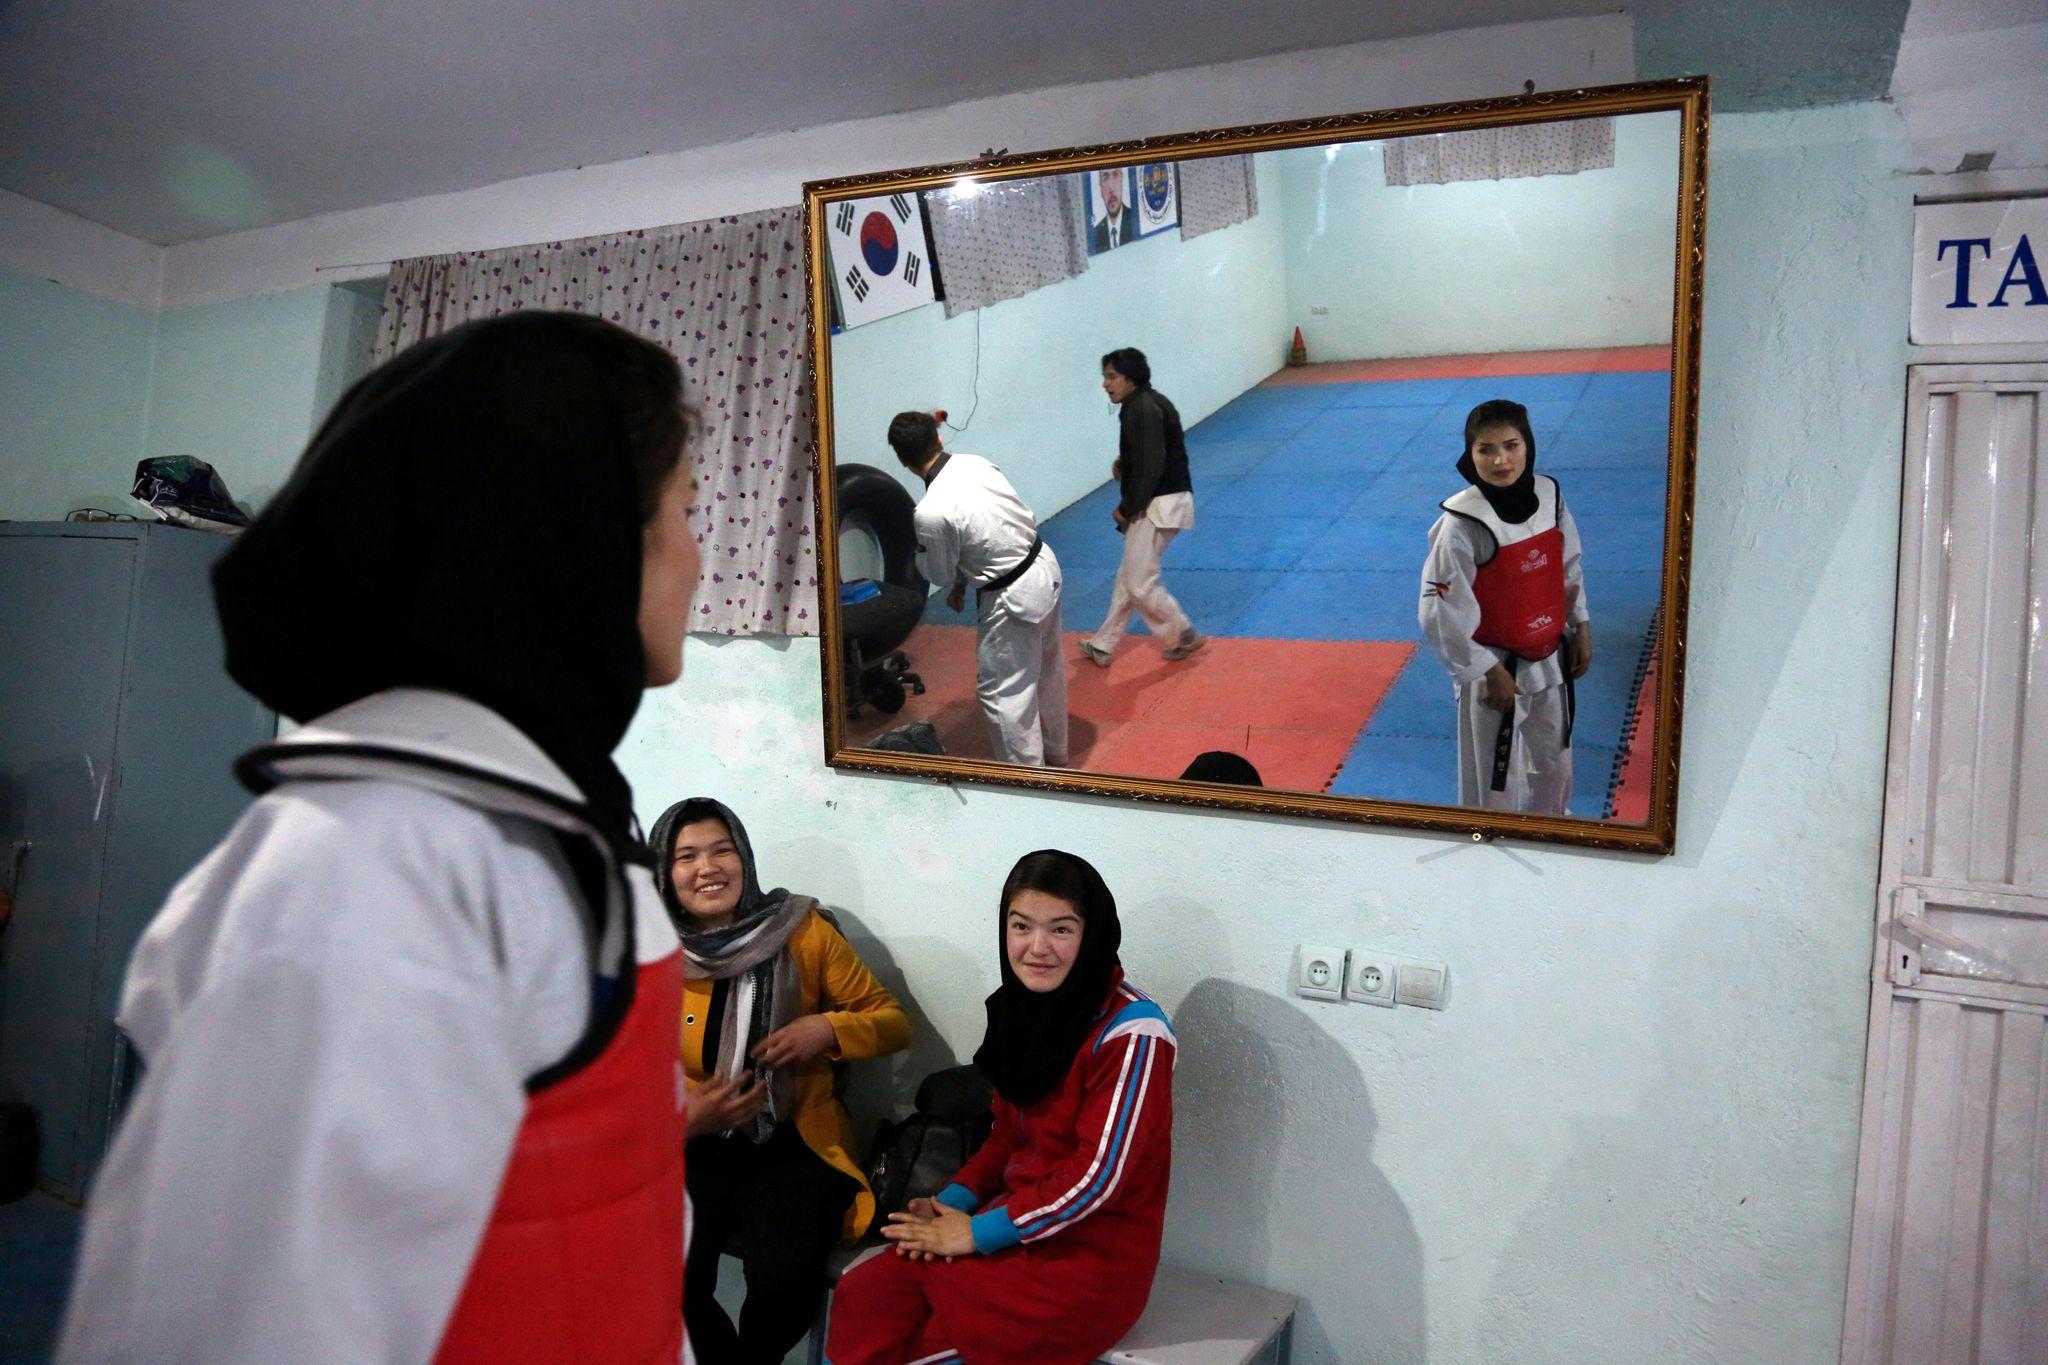 Krigen har kostet Norge over ti milliarder kroner og ti liv. Nå frykter afghanske kvinner for fremtiden etter tilbaketrekningen.